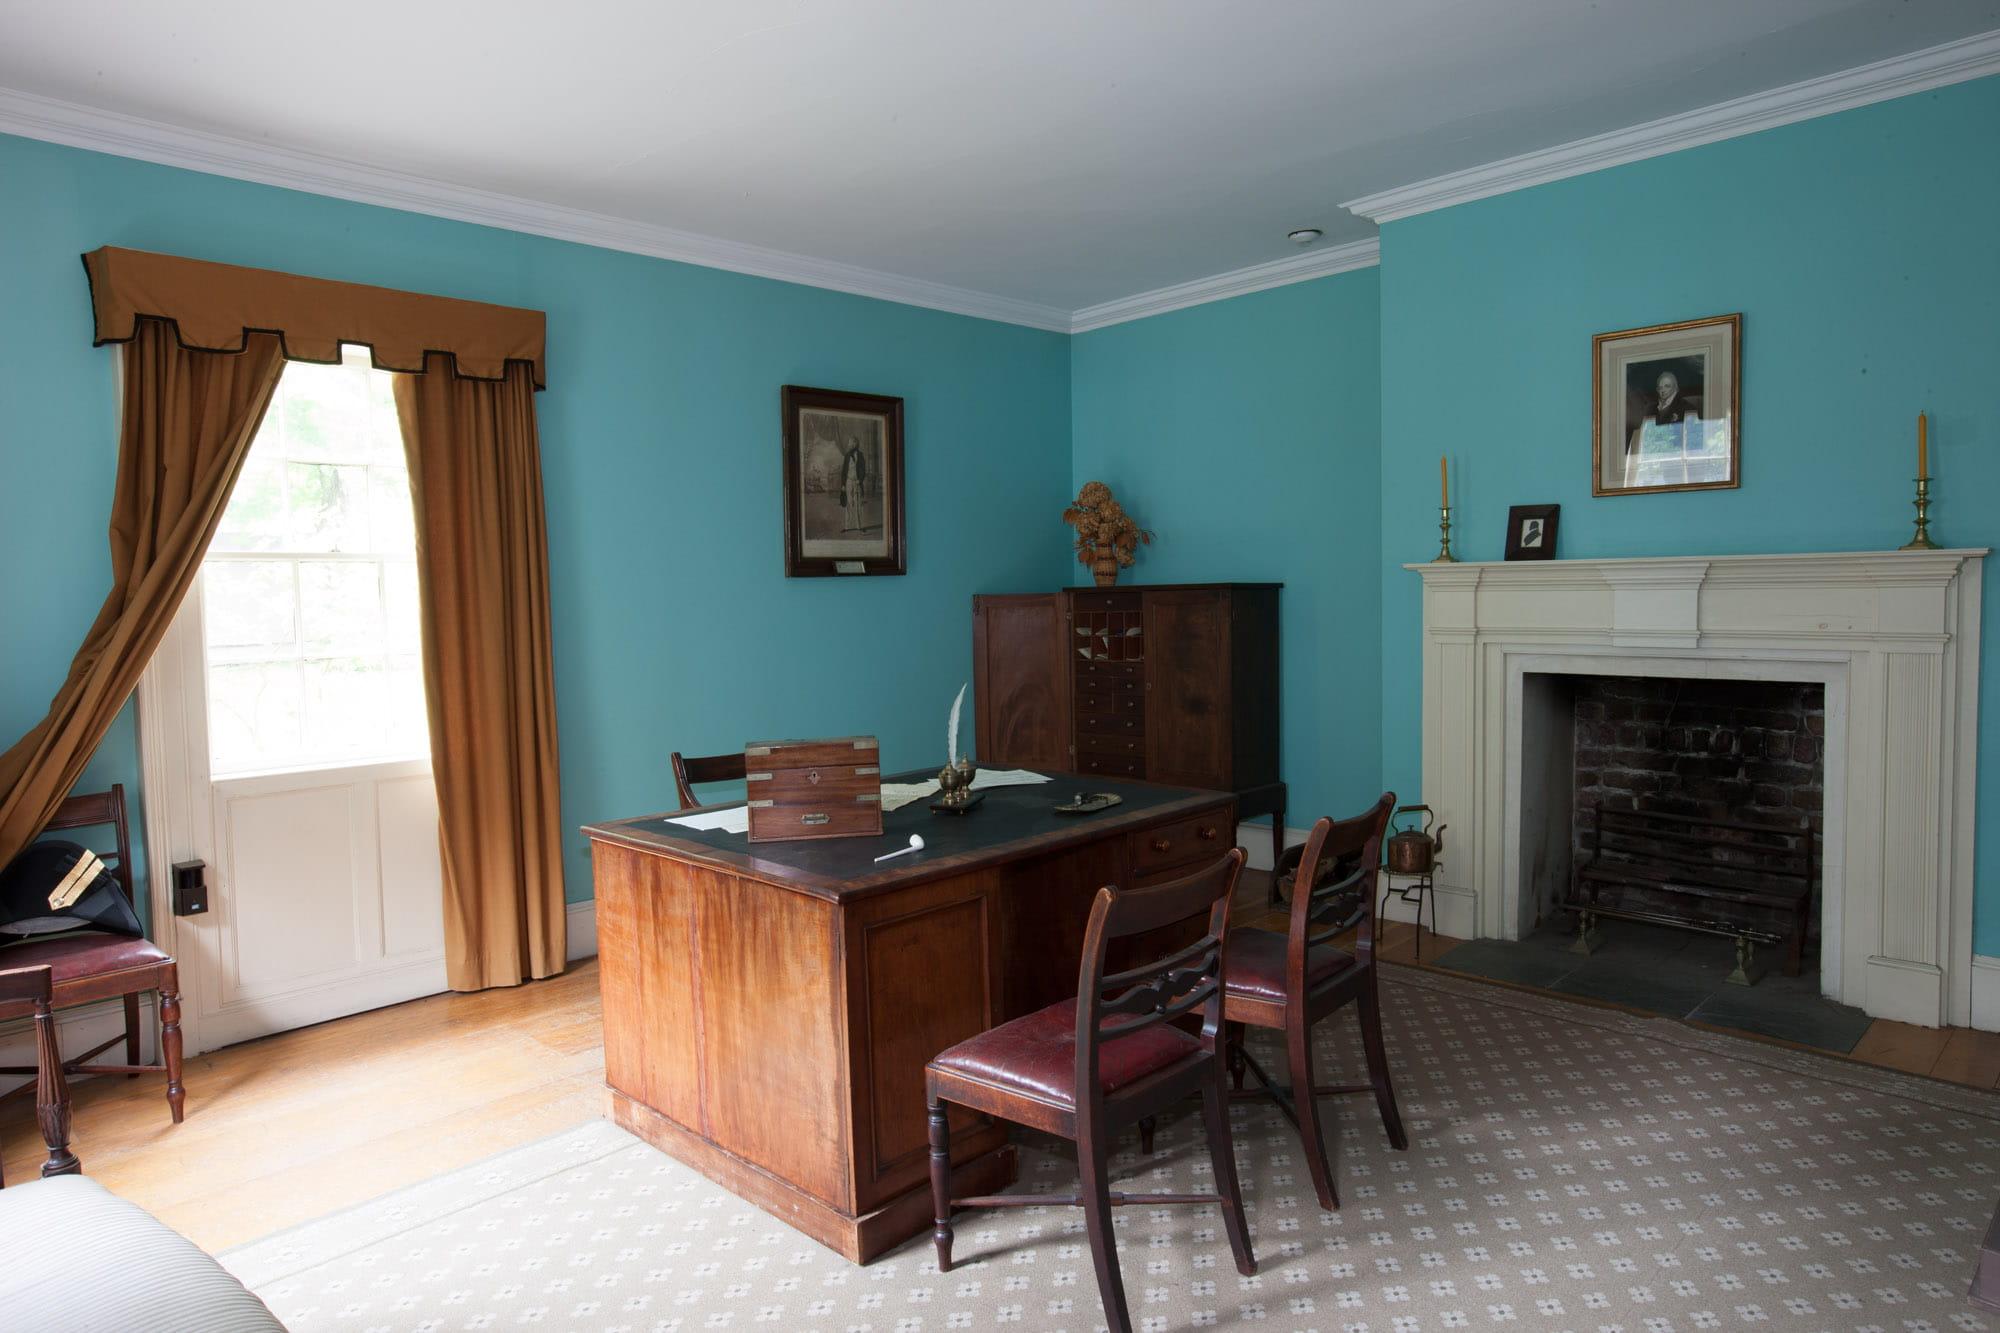 St. John's Commissariat House